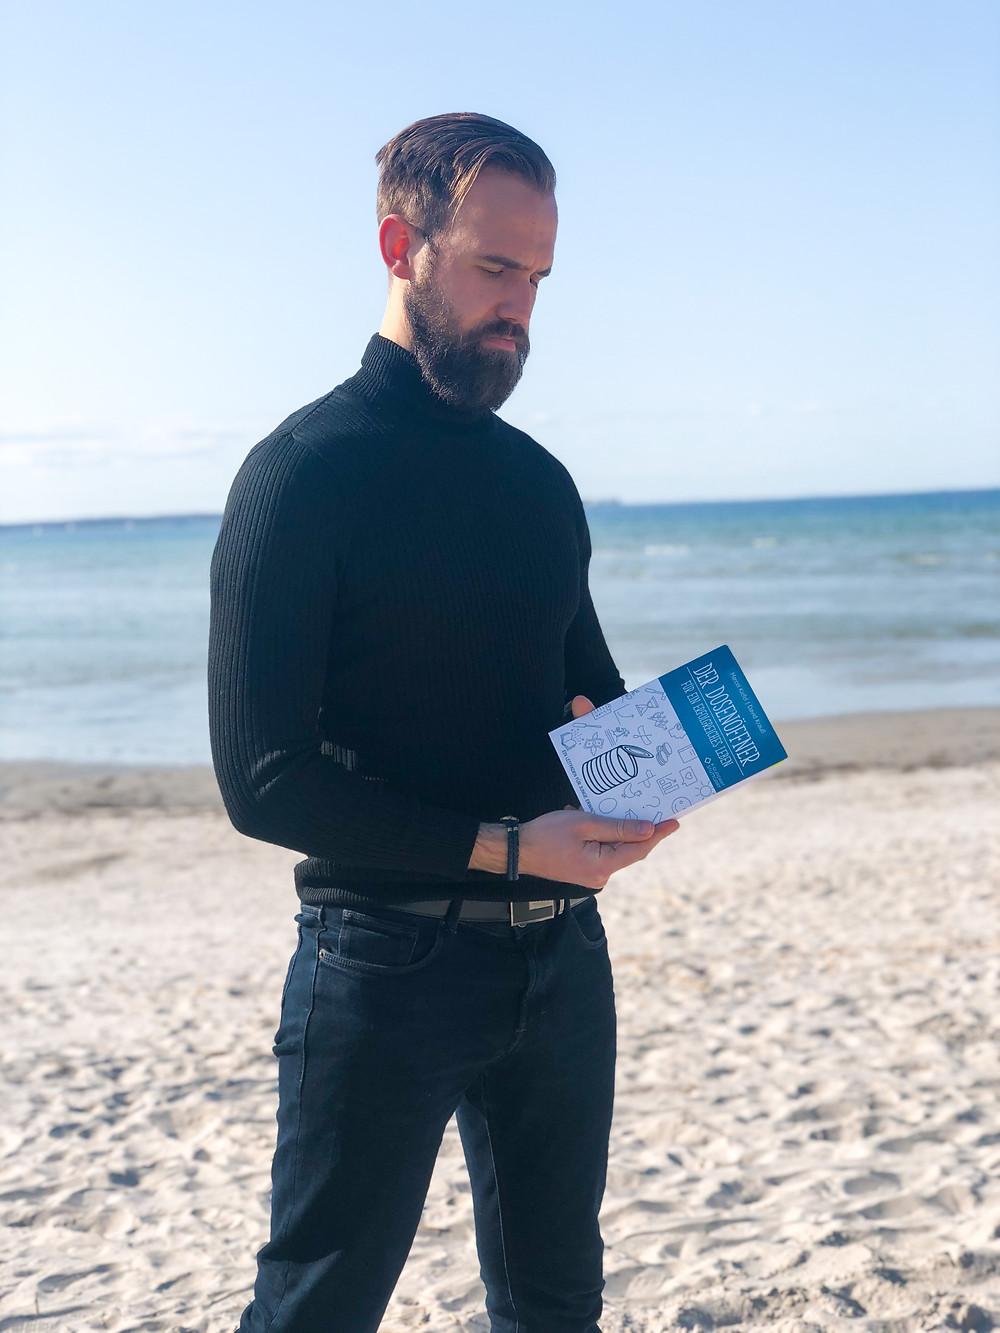 Jasper von bookbeaches mit dem Buch Der Dosenöffner an einem Strand in Kiel. Das Buch behandelt Themen wie Mindset, Geld, Umfeld und Fokus.